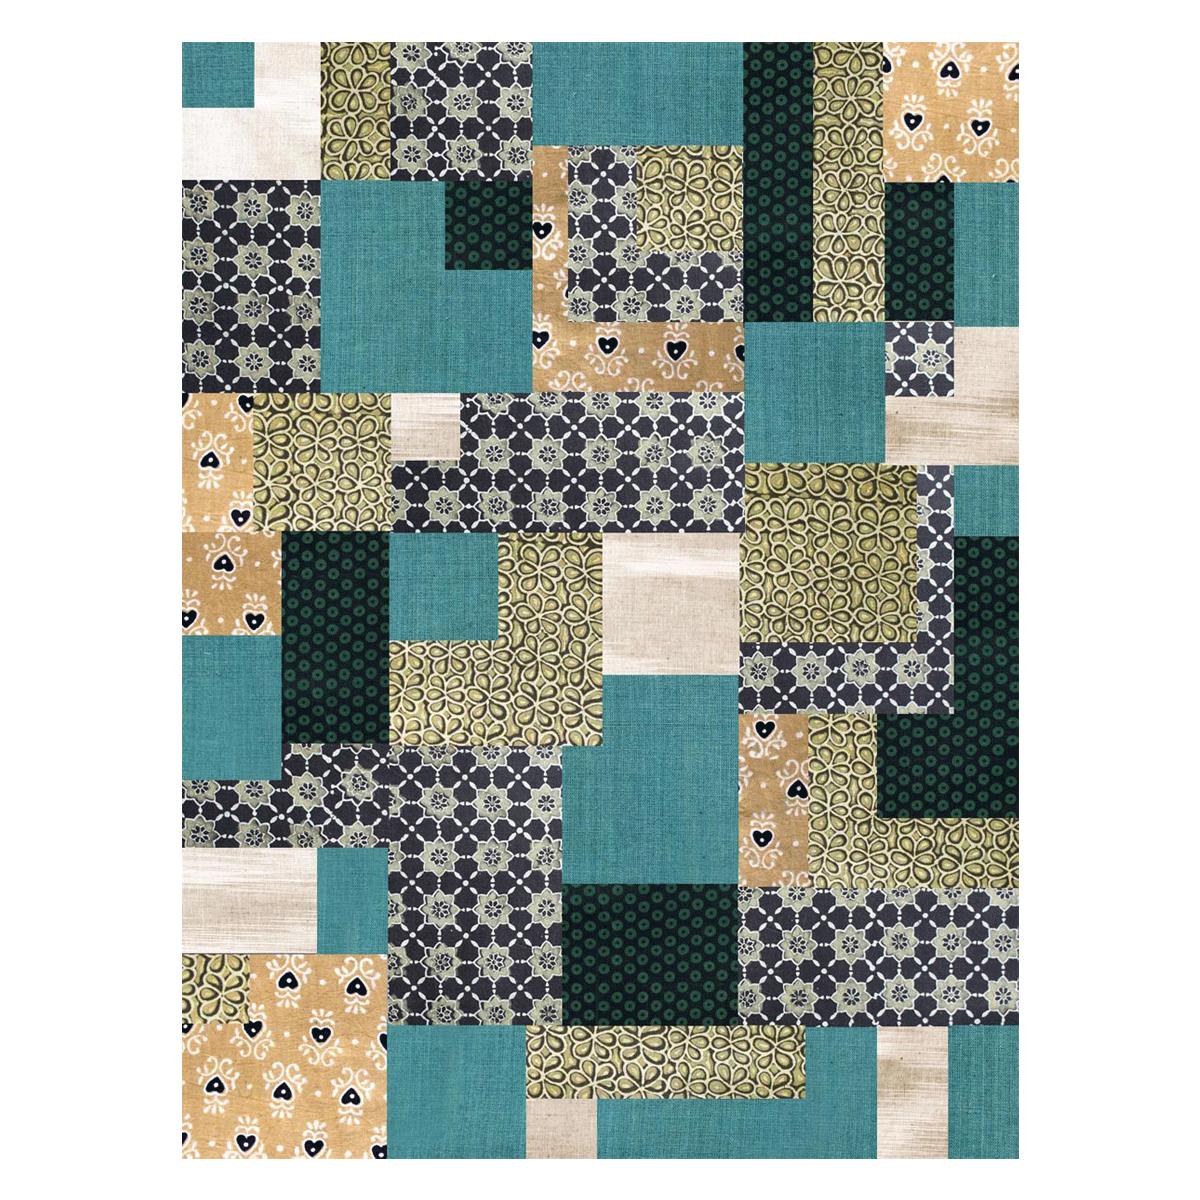 Kit de patchwork facile